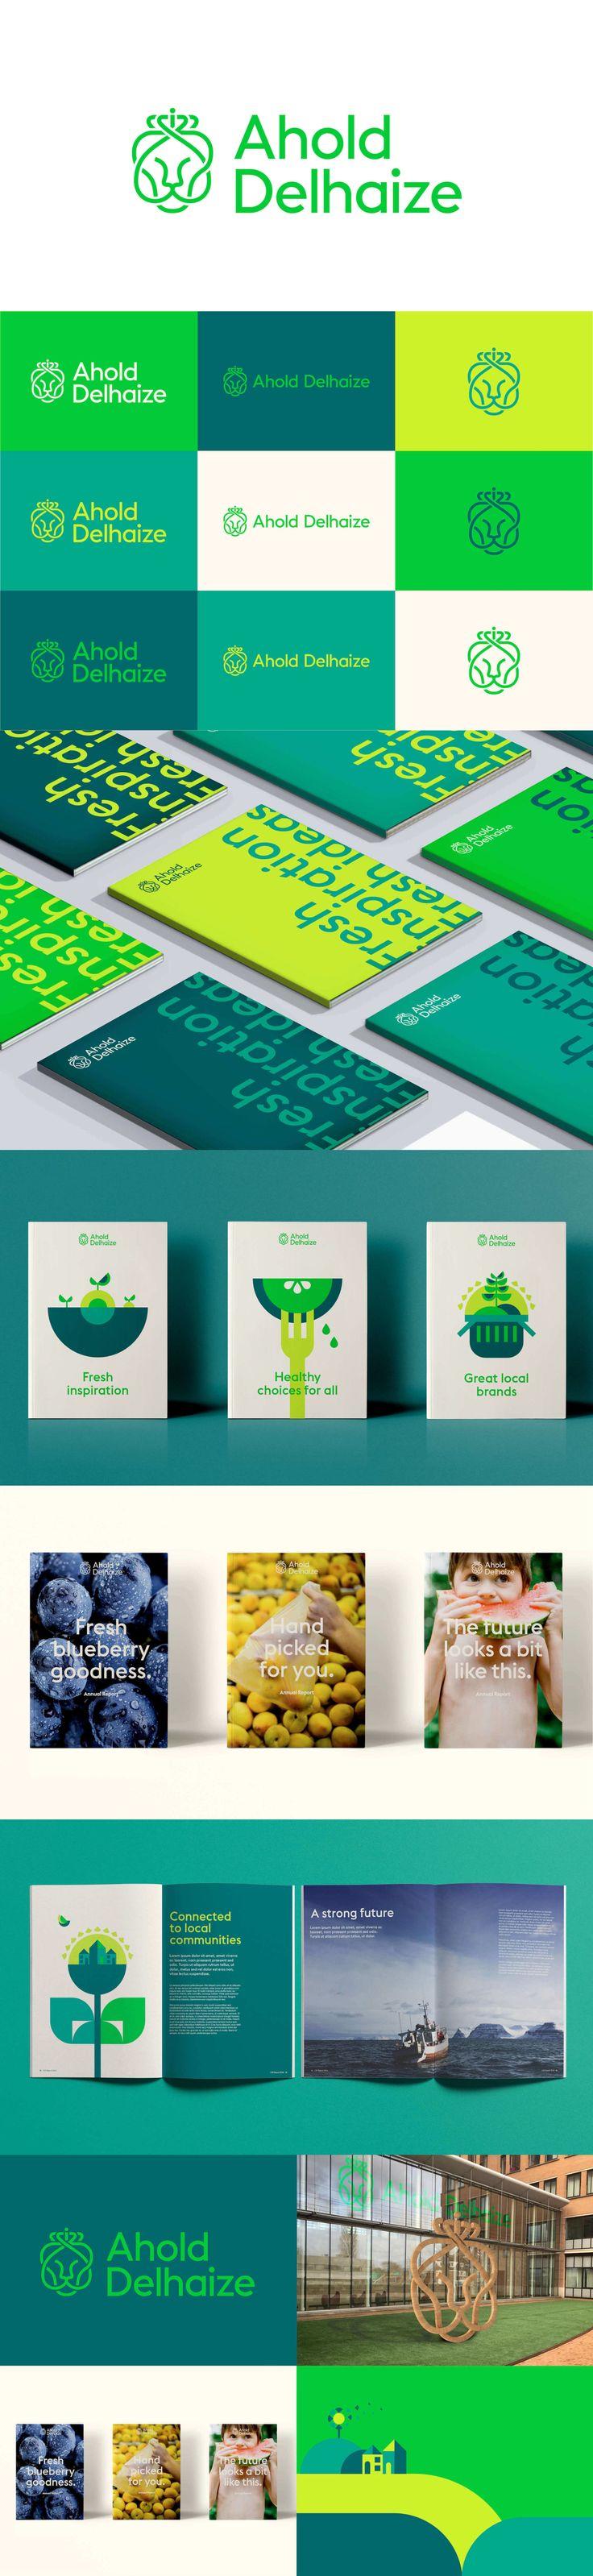 Ahold Delhaize branding